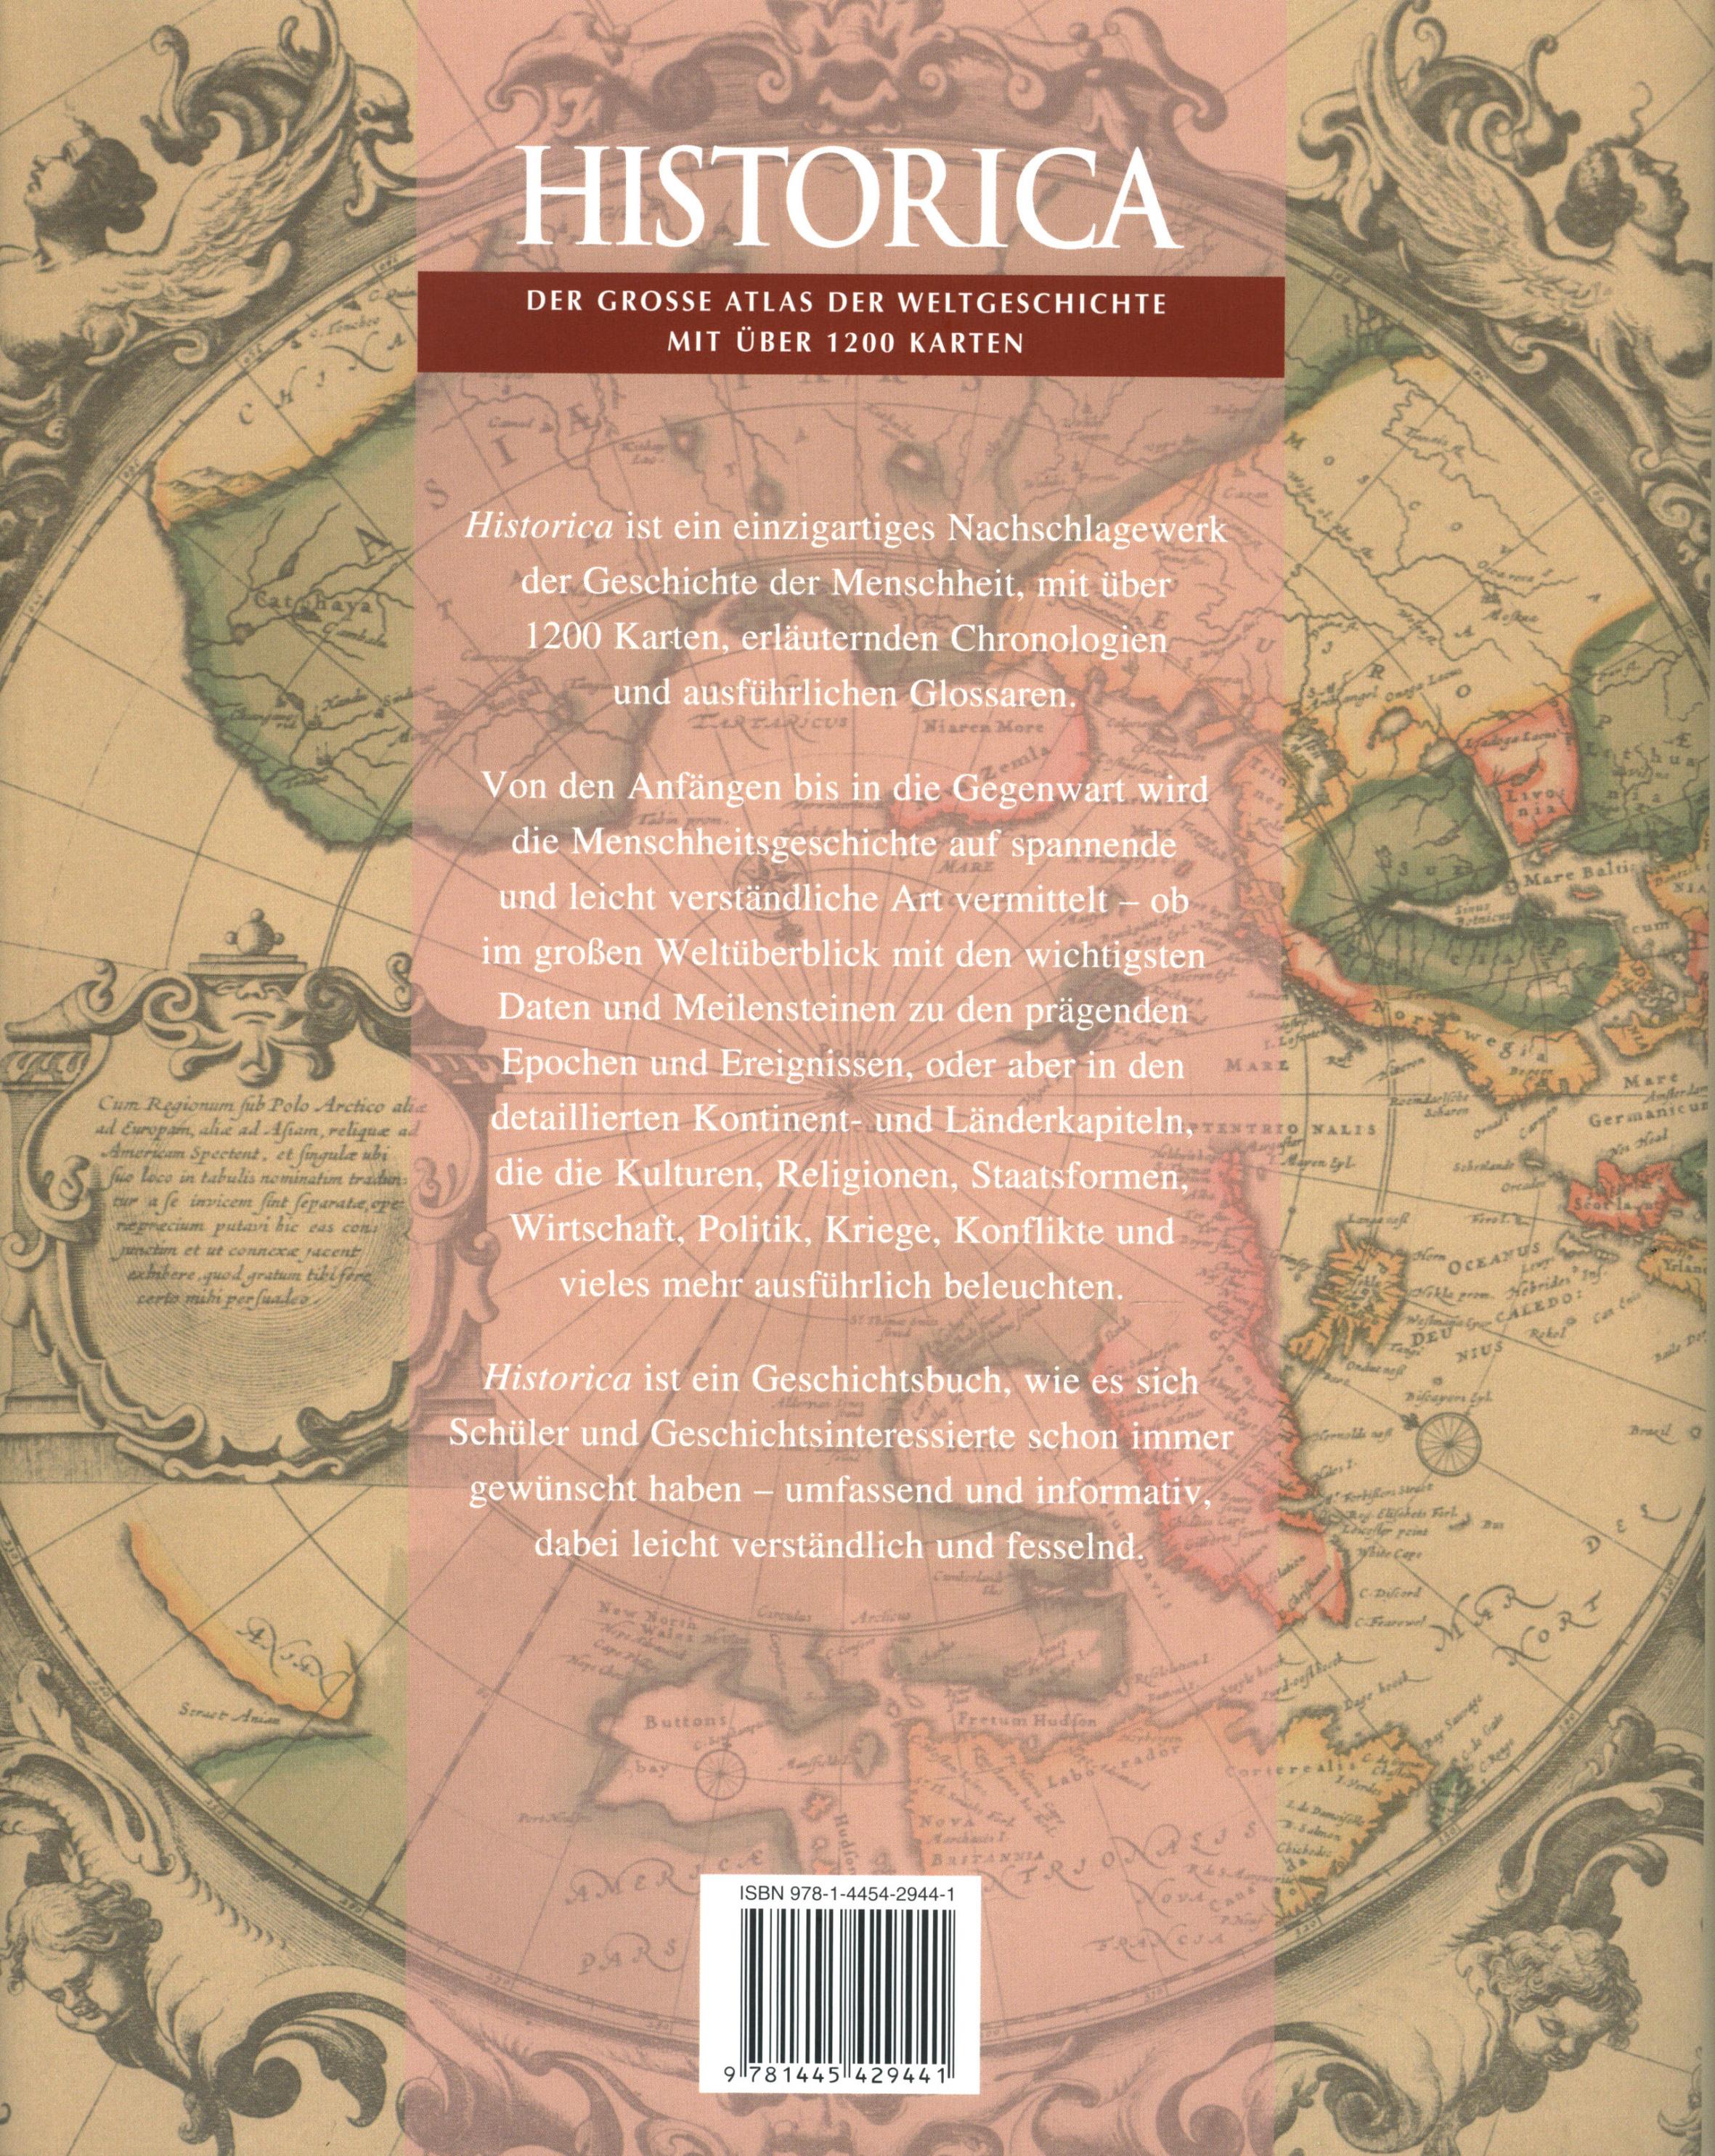 Historica Buch Von Markus Hattstein Versandkostenfrei Bei Weltbild At